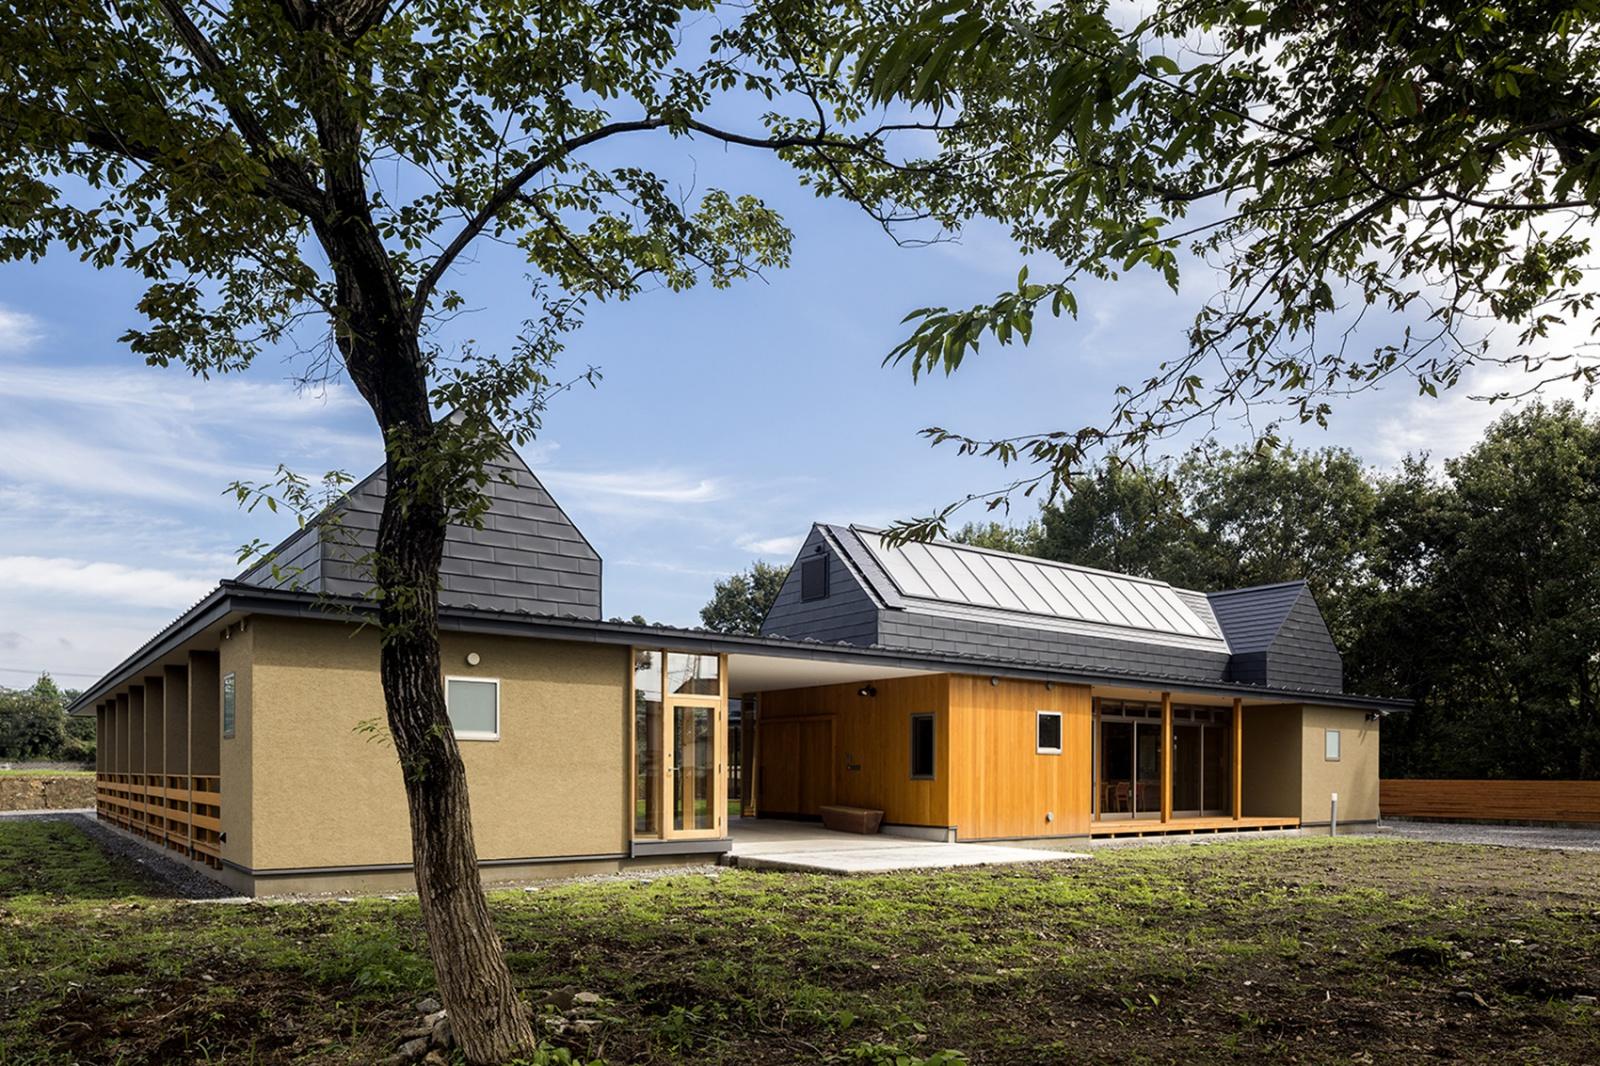 建物外観。 OMソーラーで太陽熱を屋根で集熱して床暖房する仕組みに。効率よく自然エネルギーを取り入れられるように屋根にも傾斜がつけられ、理にかなったデザインとなっています。